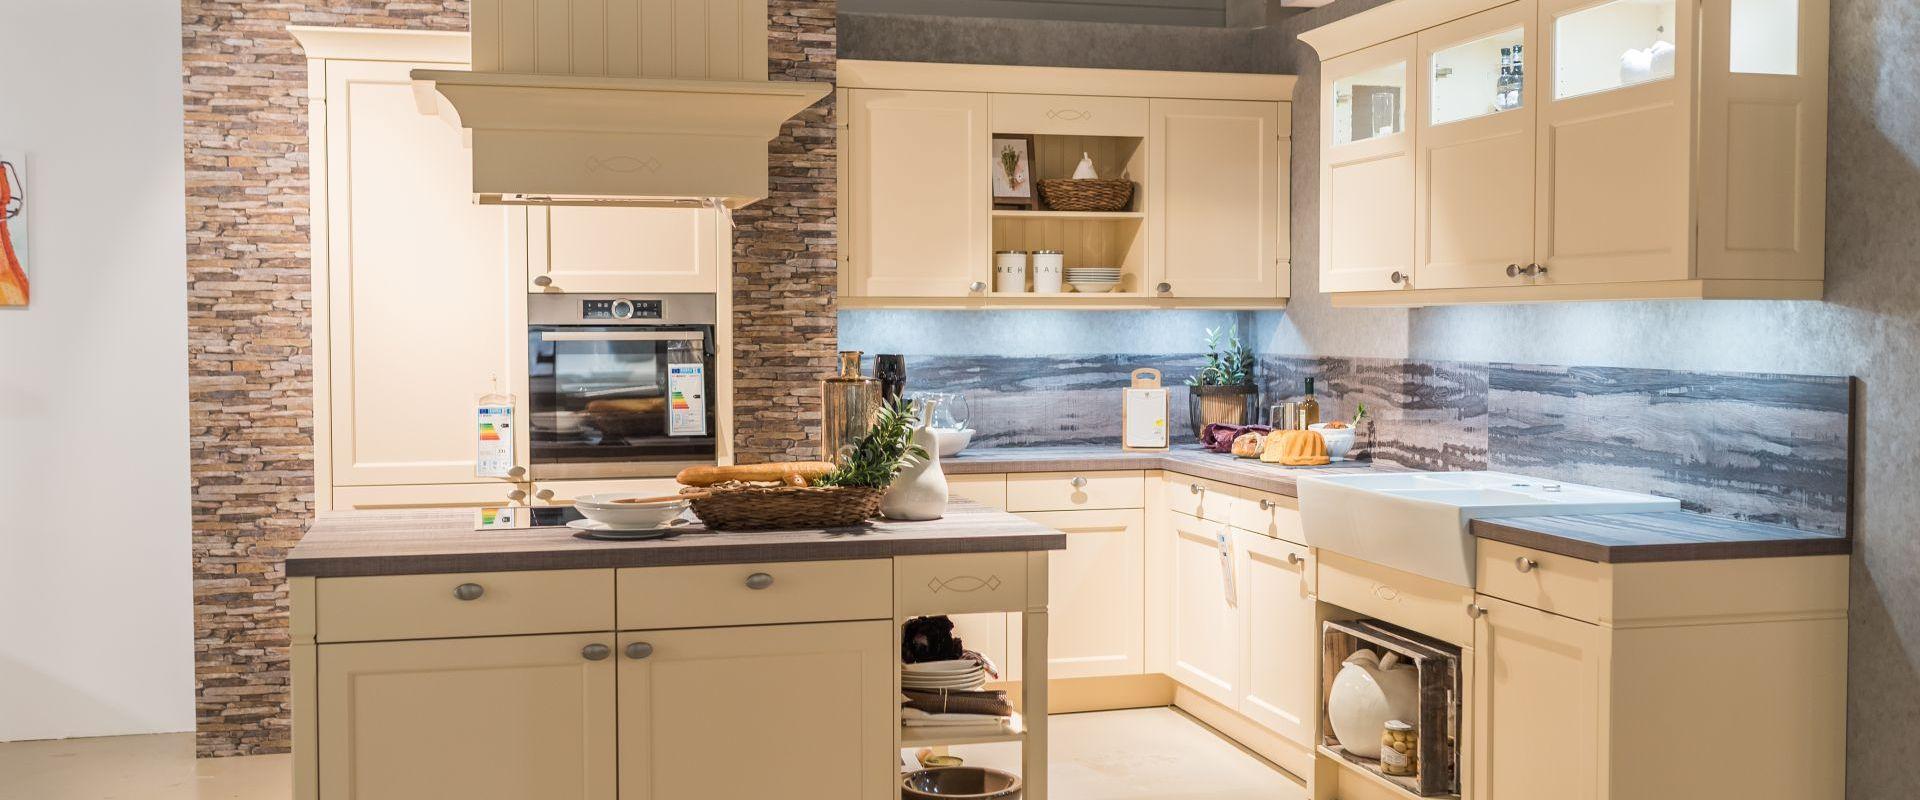 Küche kaufen bei Spilger - spilger.de